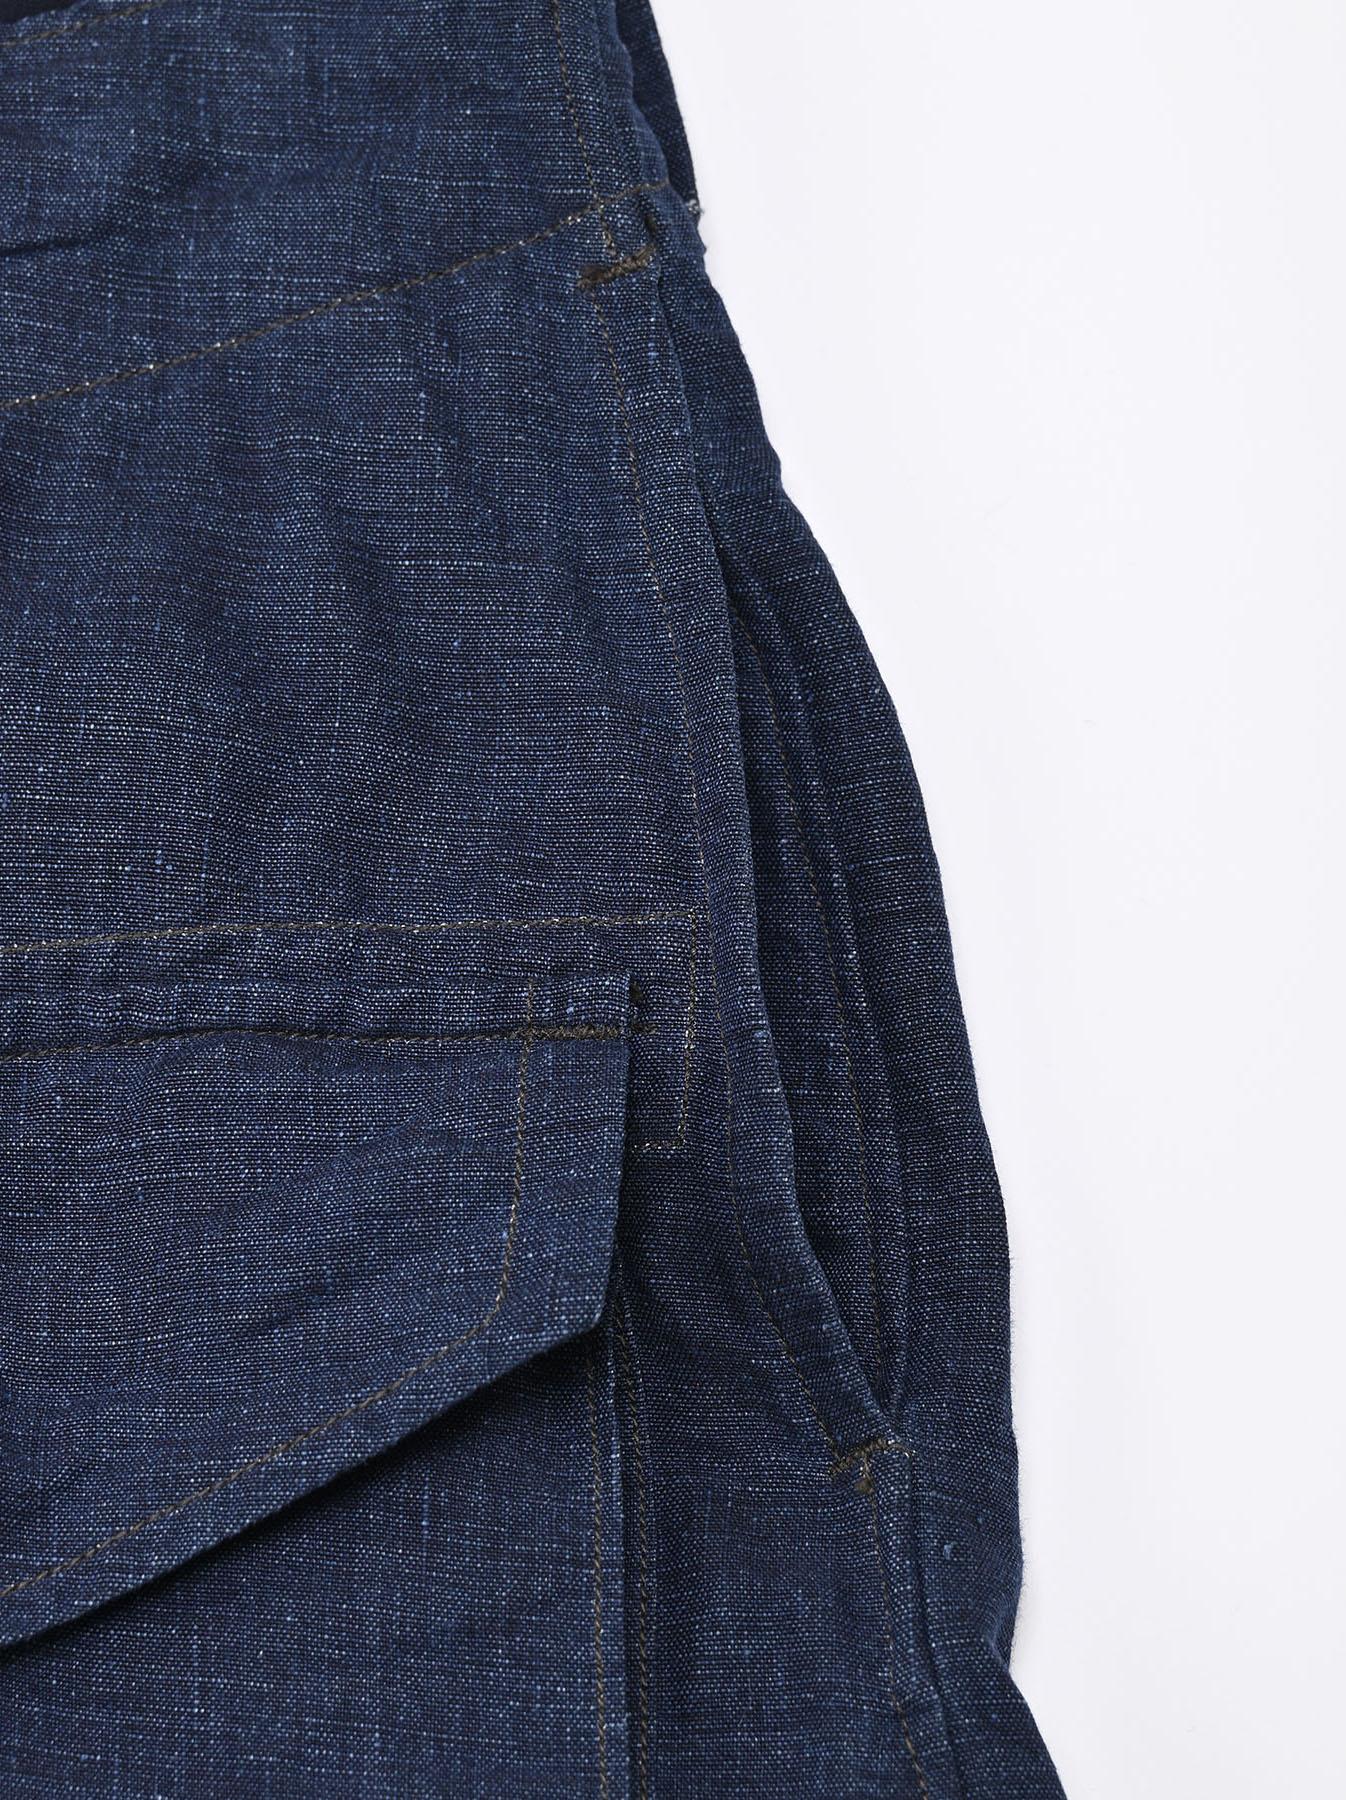 Indigo Nou Linen 908 Easy Sail Shorts (0721)-9